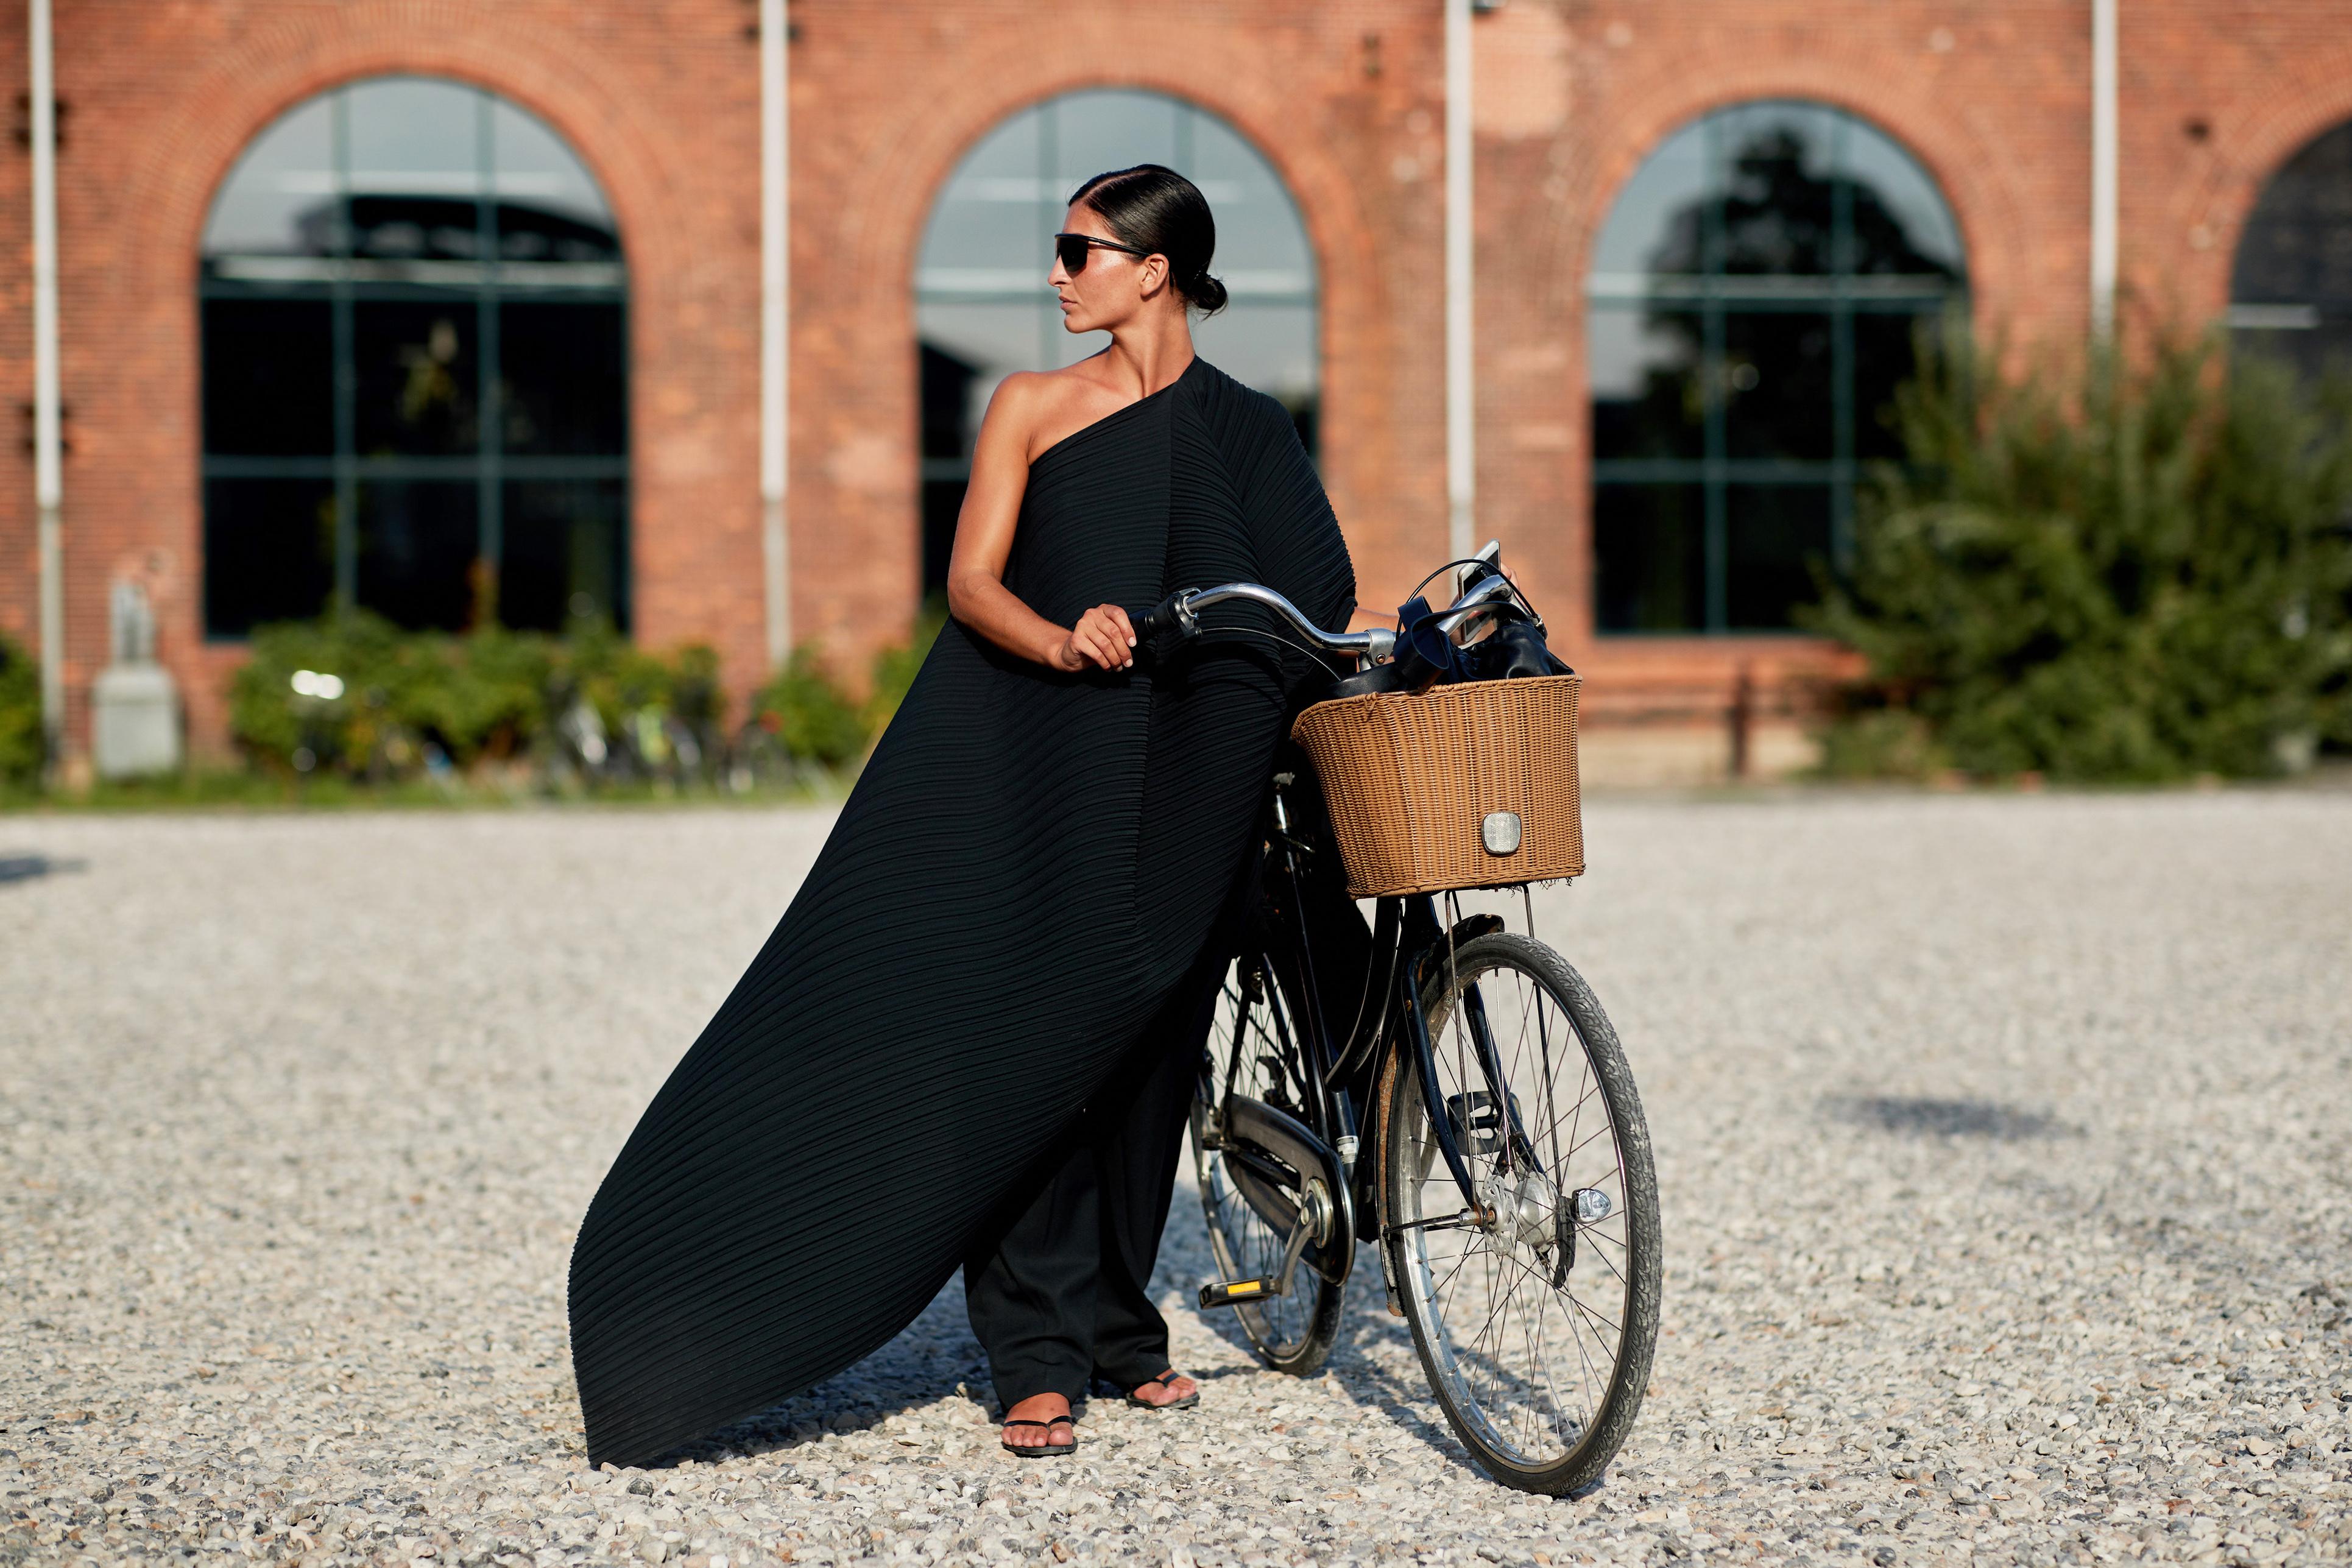 Τρία fashion trends που θα καθορίσουν το 2019